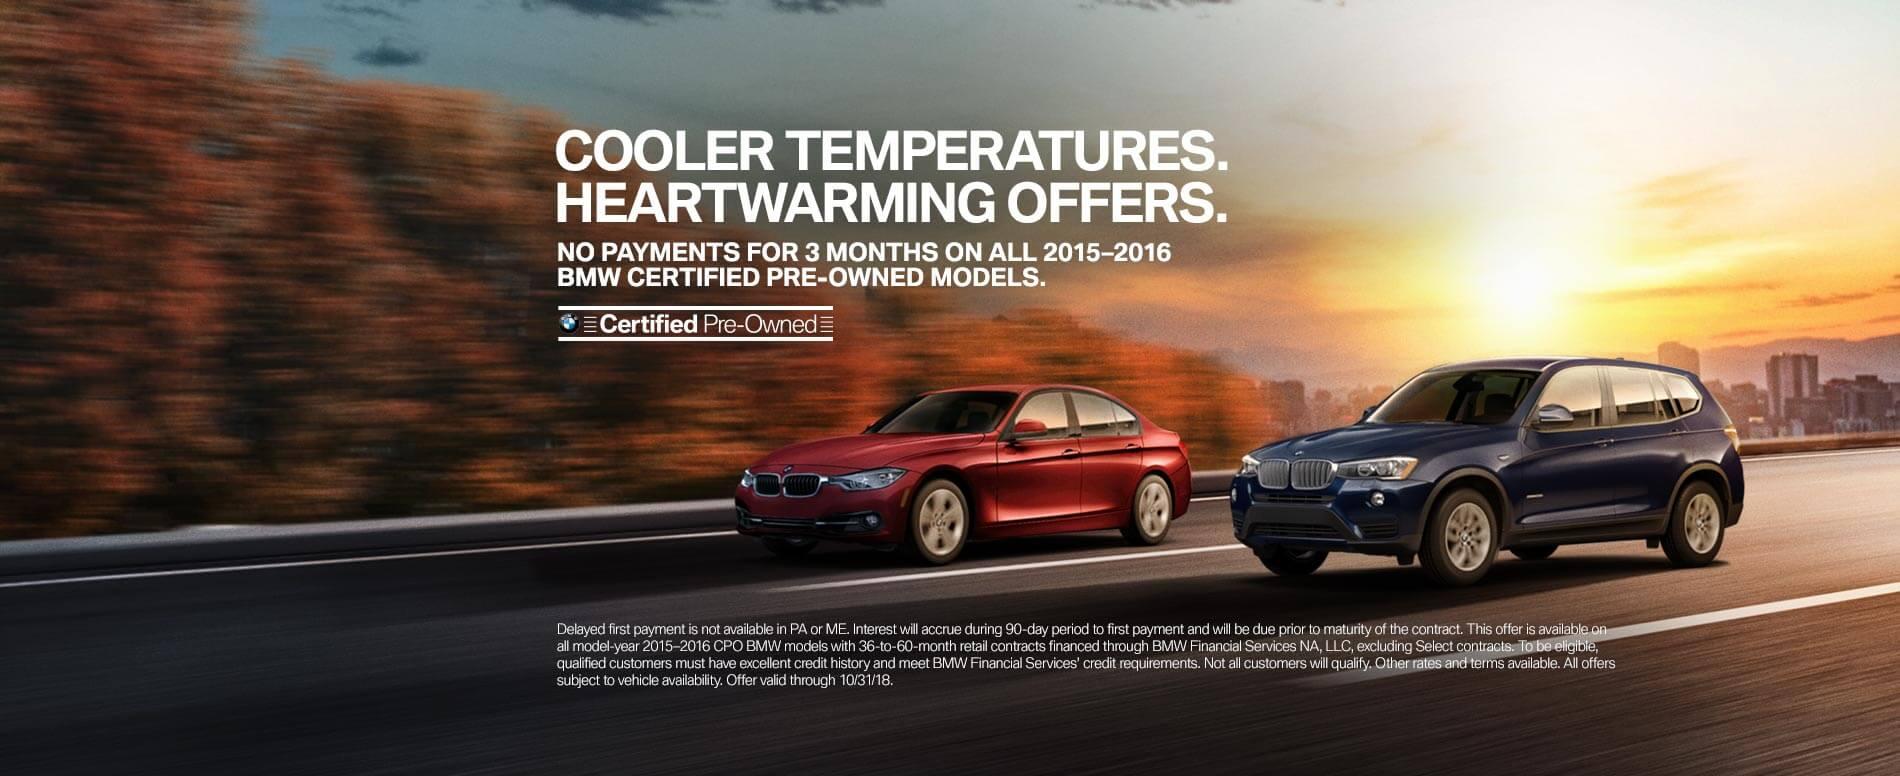 Acura Of Turnersville >> BMW of Turnersville - Serving Turnersville, NJ